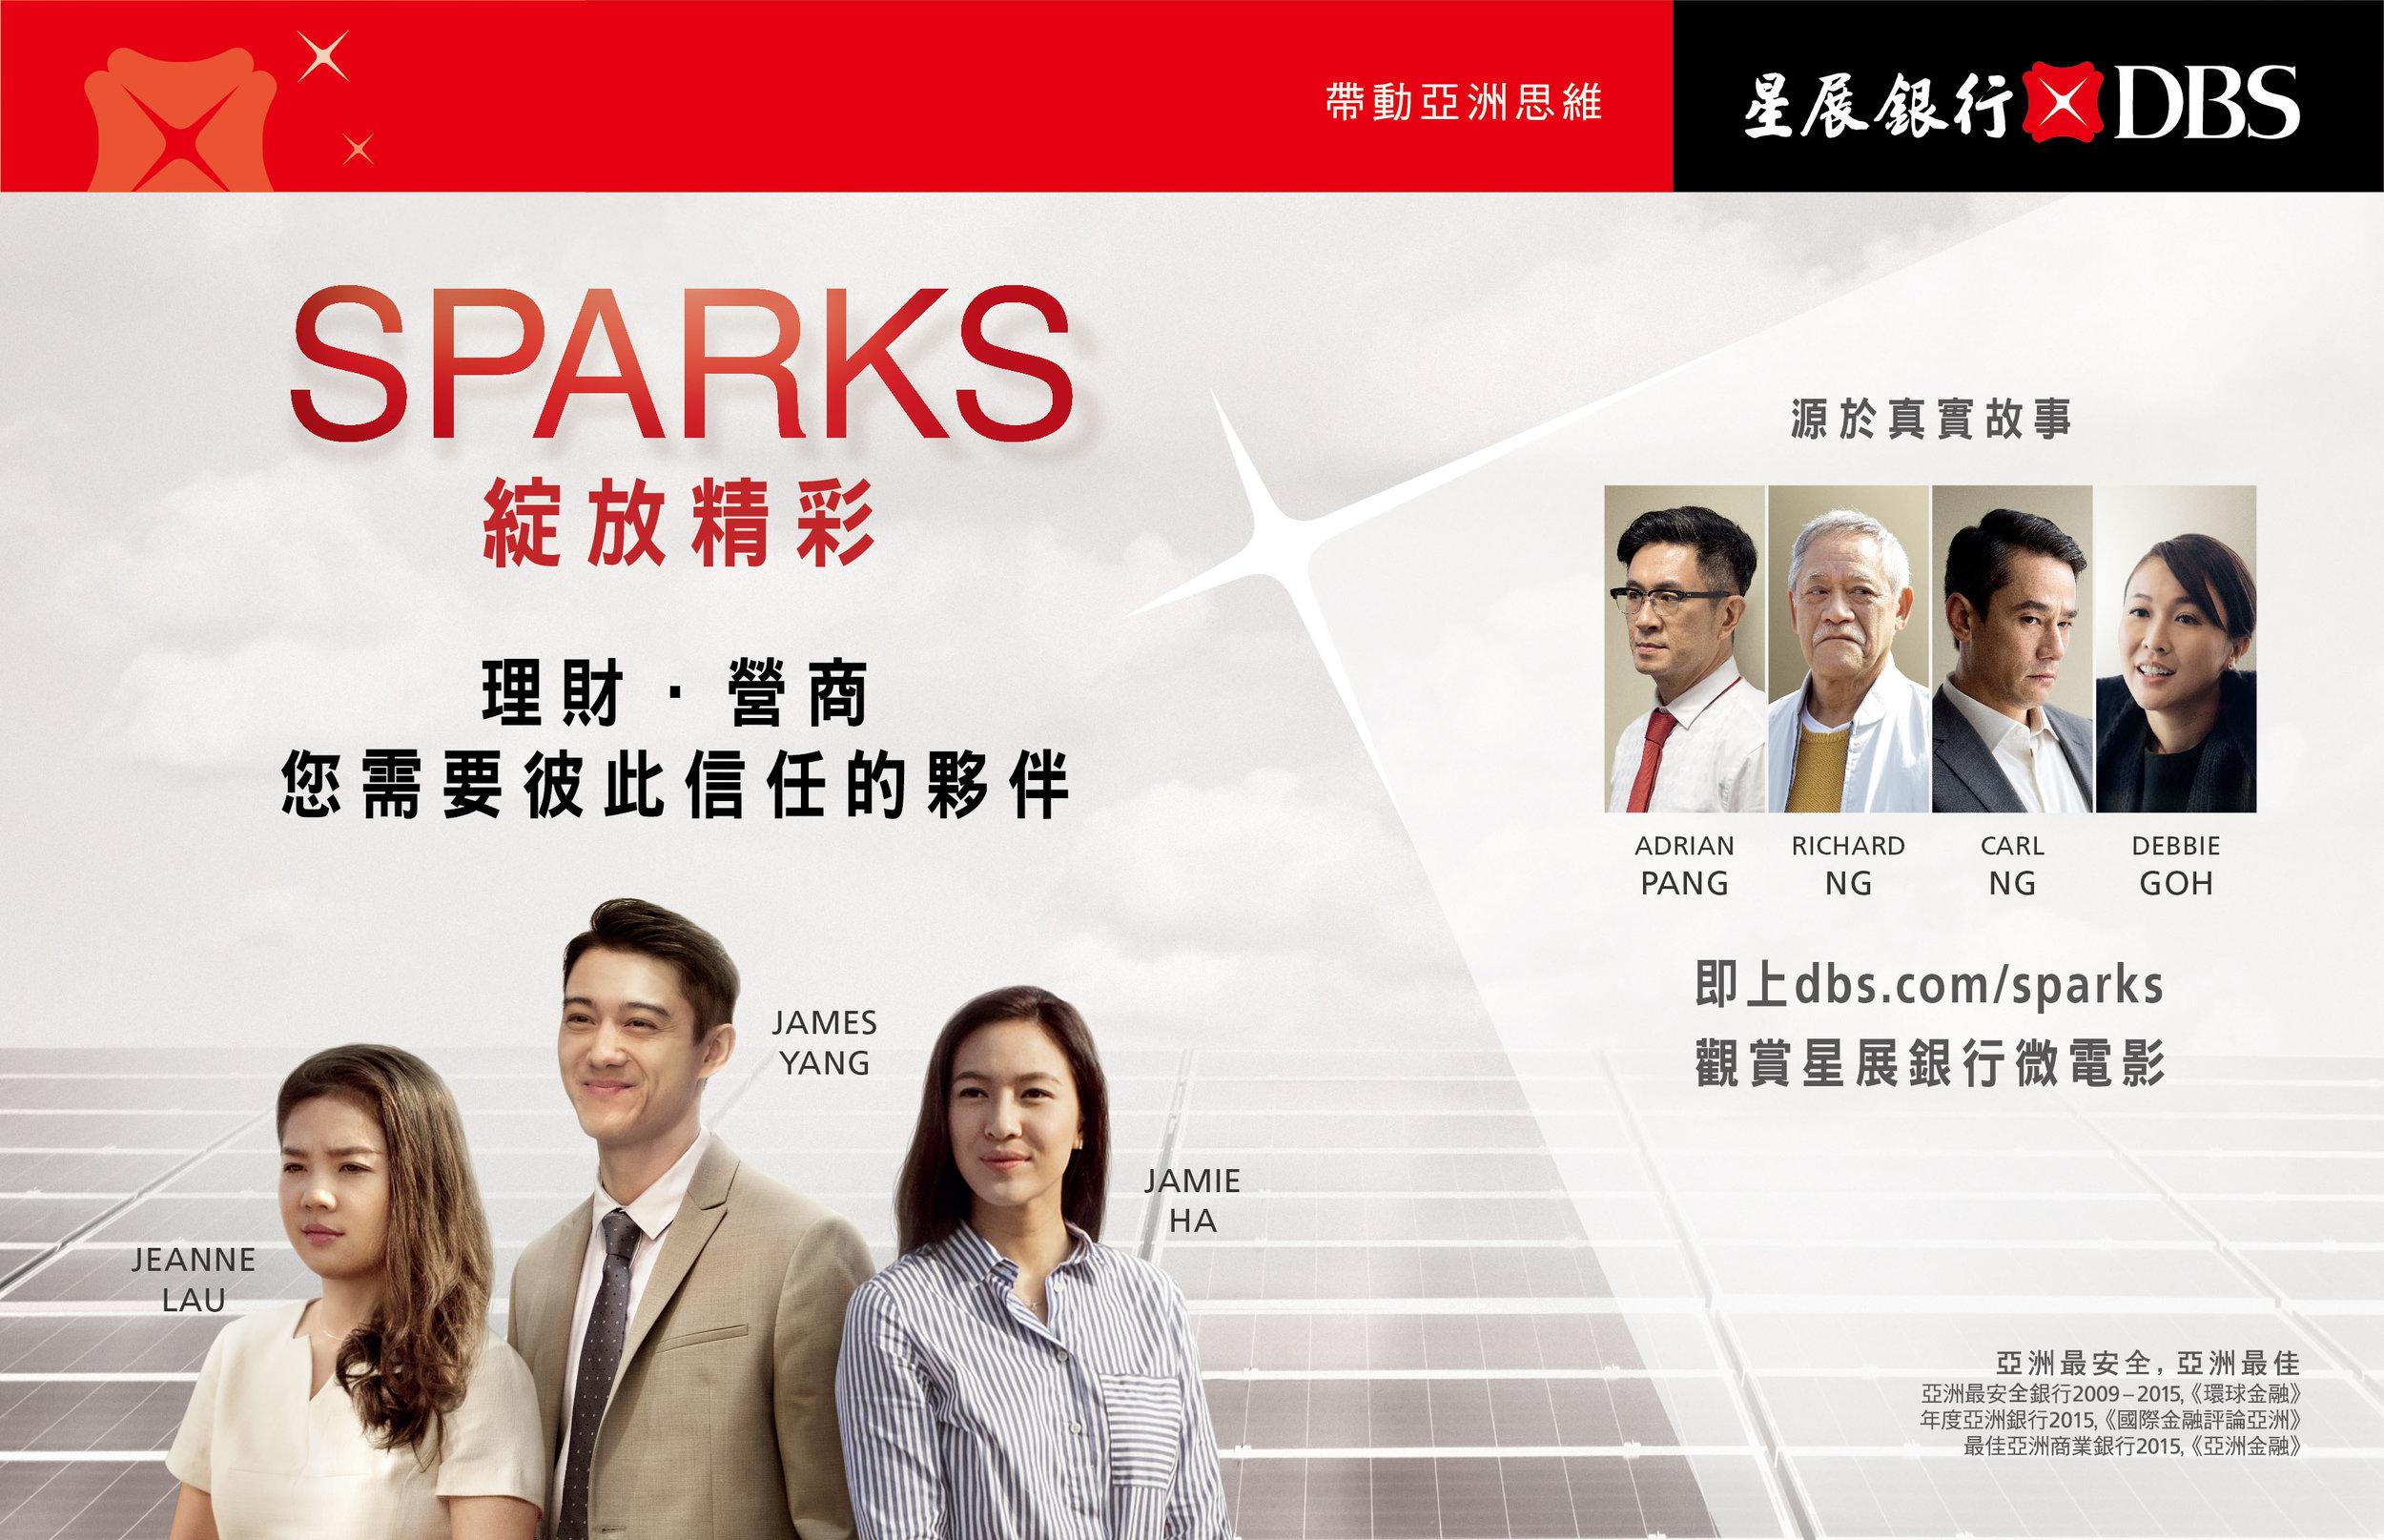 DBS Branding_Sparks_Billboard_R5.jpg